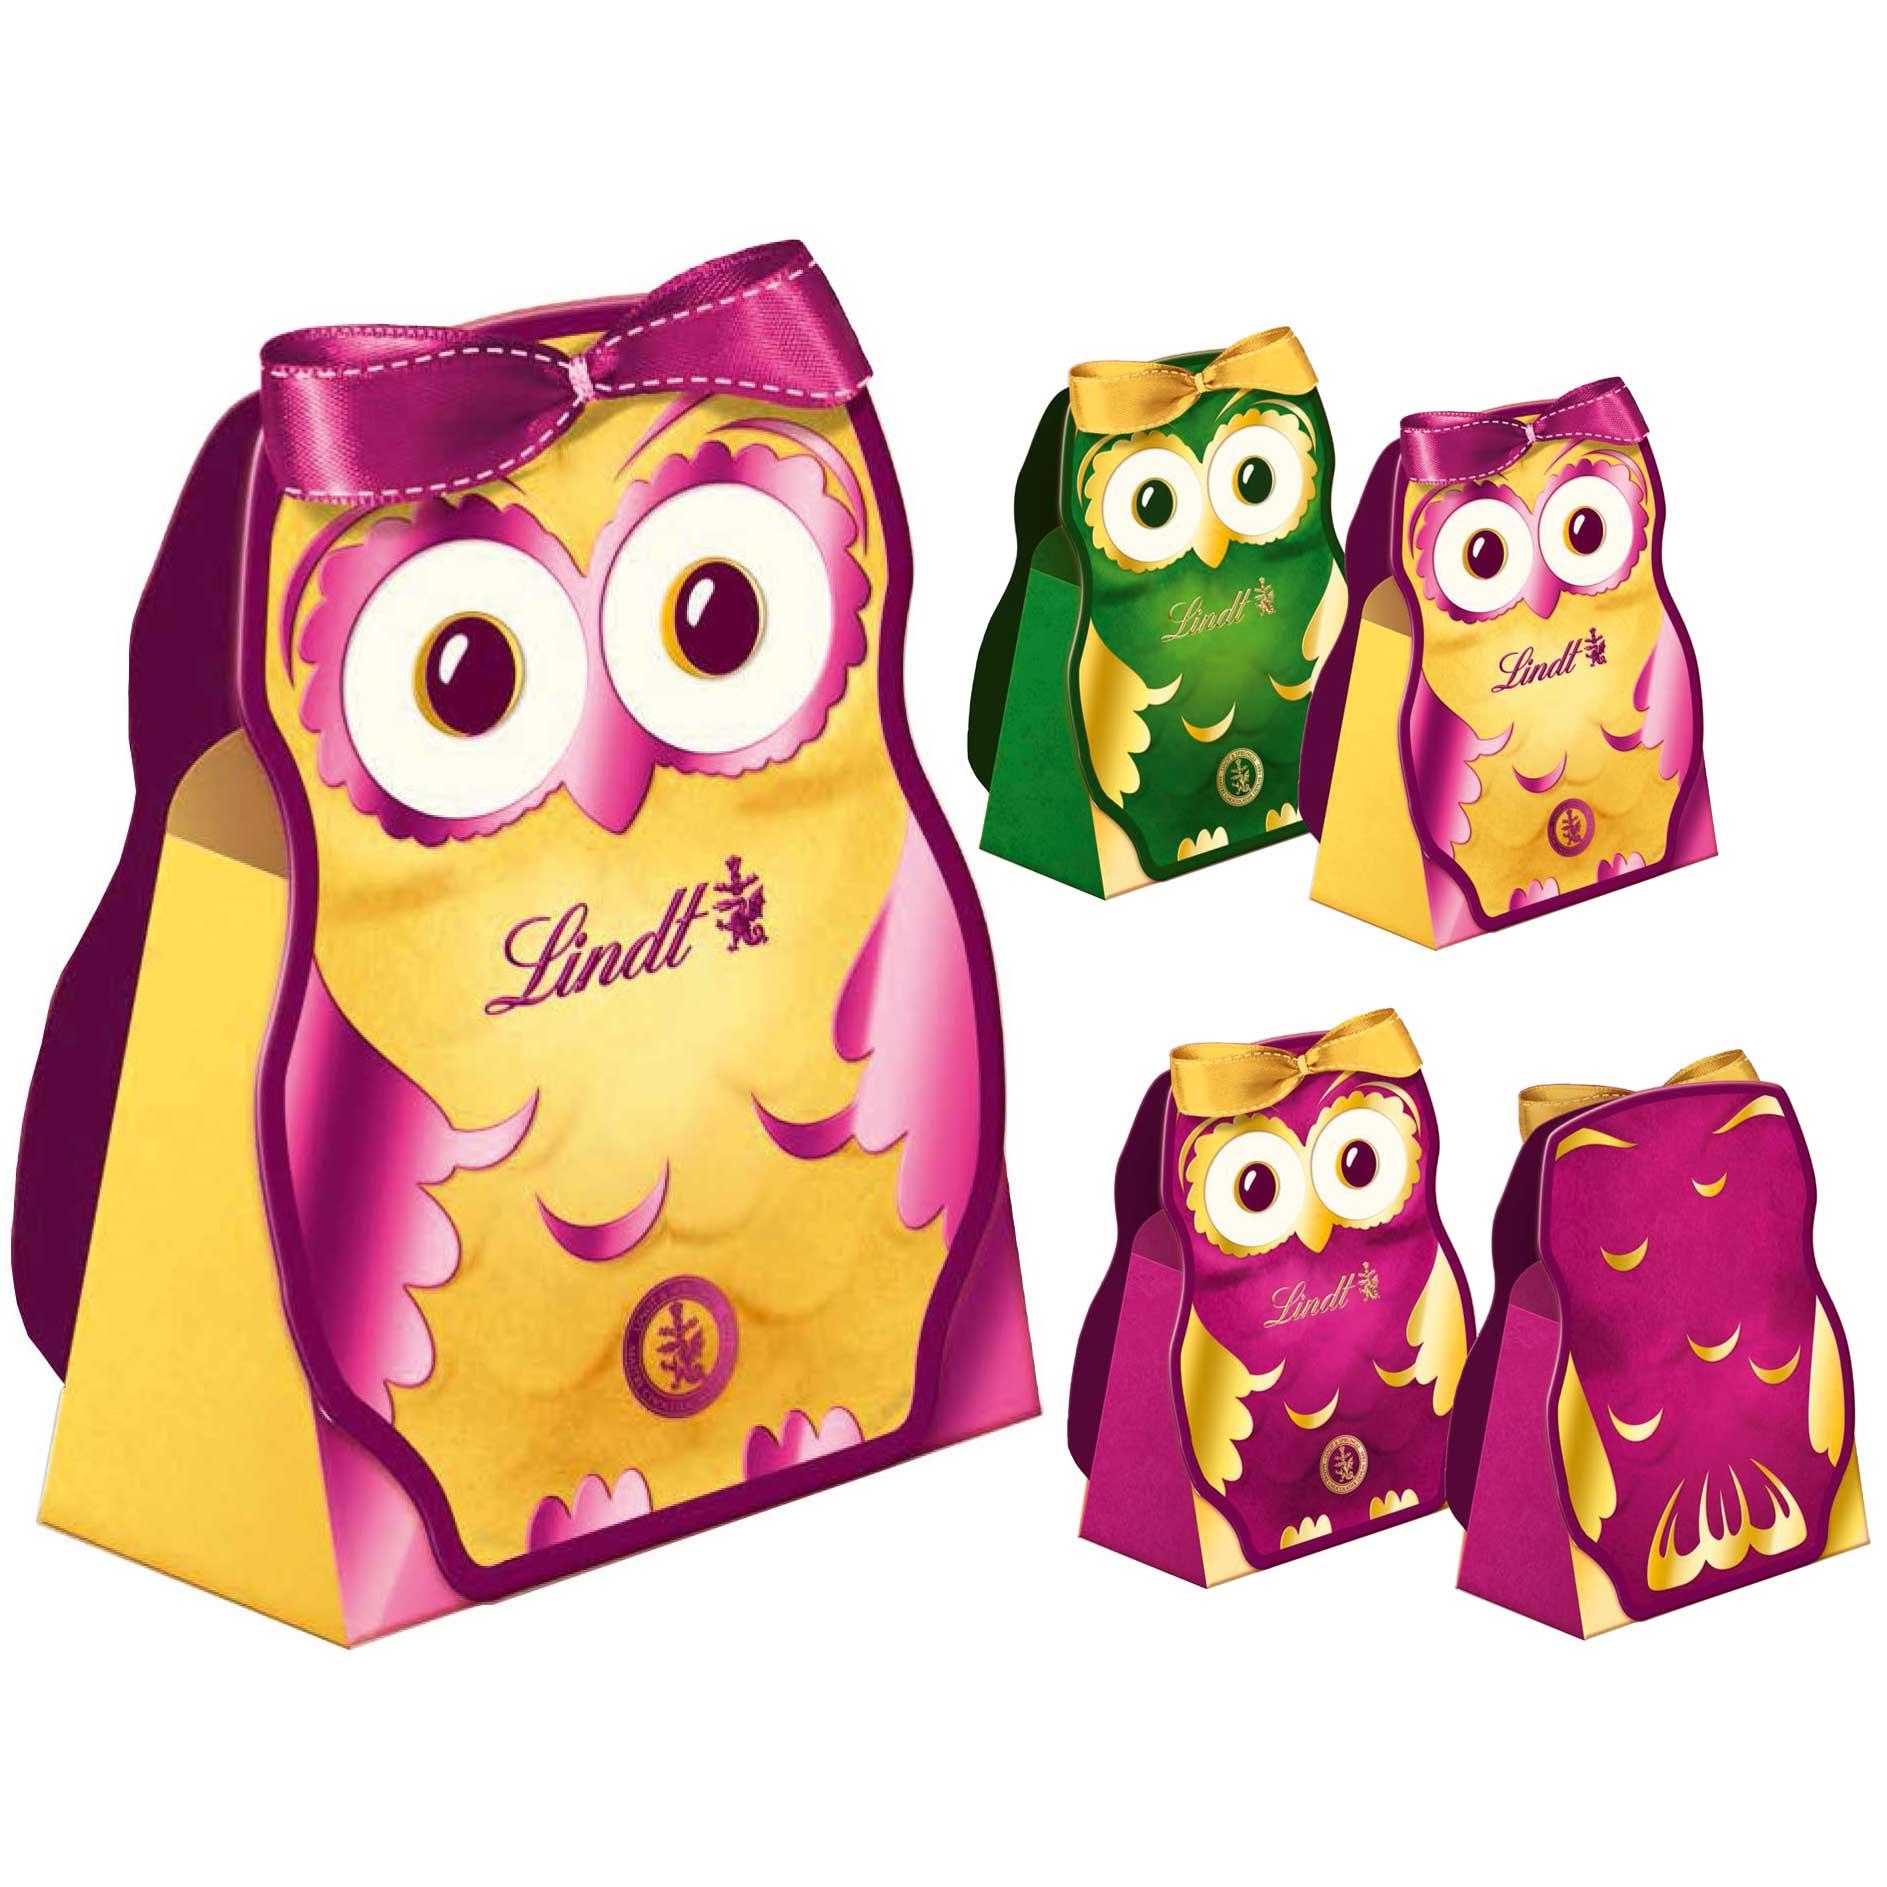 lindt eule kleines geschenk online kaufen im world of sweets shop